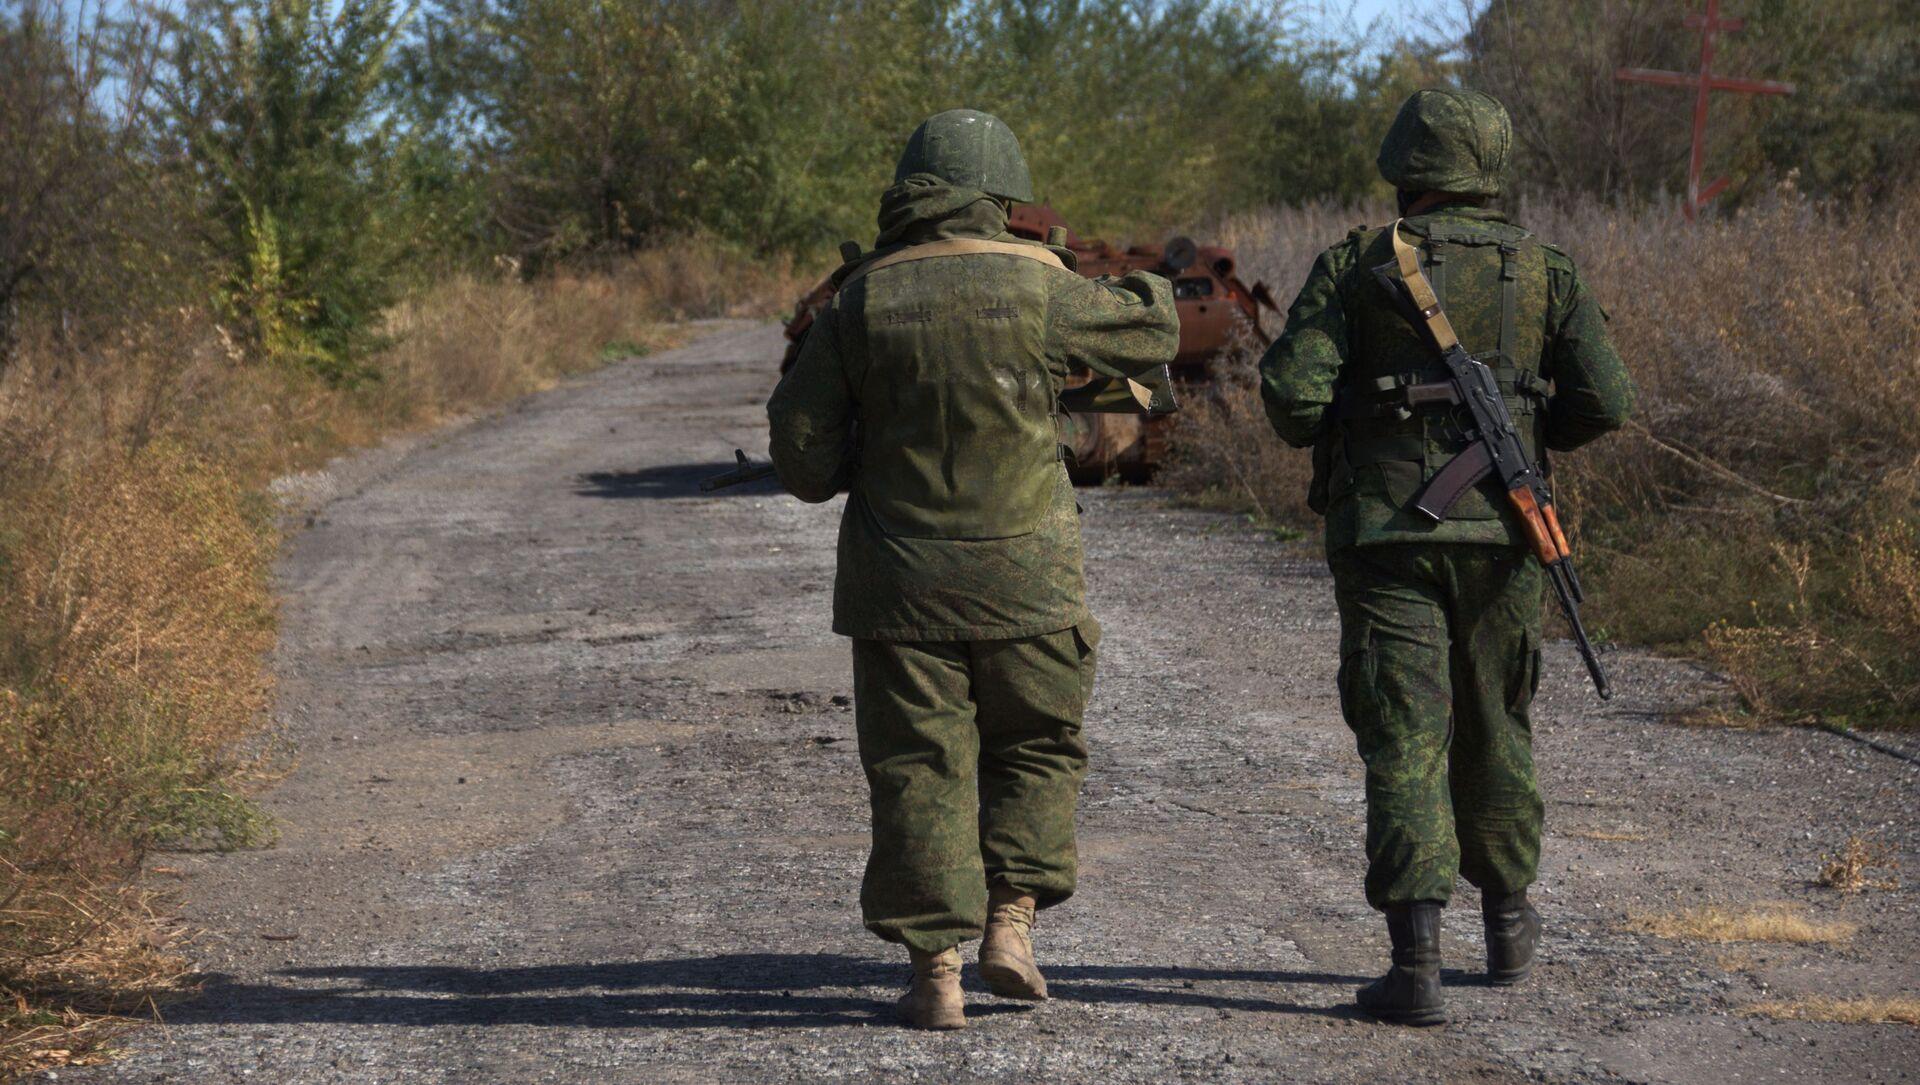 Żołnierze ŁRL we wsi Sokolniki na linii kontaktowej w obwodzie ługańskim - Sputnik Polska, 1920, 03.06.2021